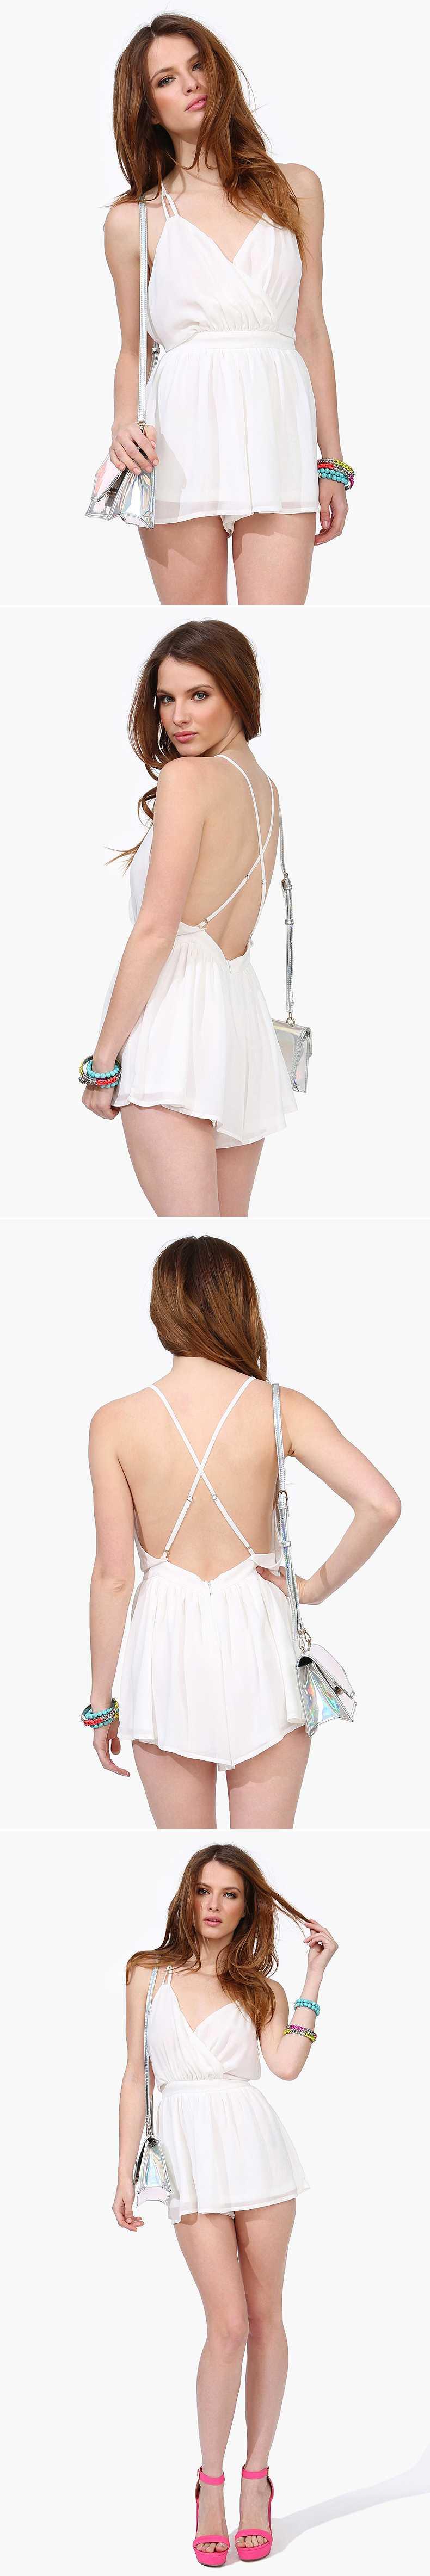 2015 Plus Size Fashion White Backless Women Chiffon Jumpsuit